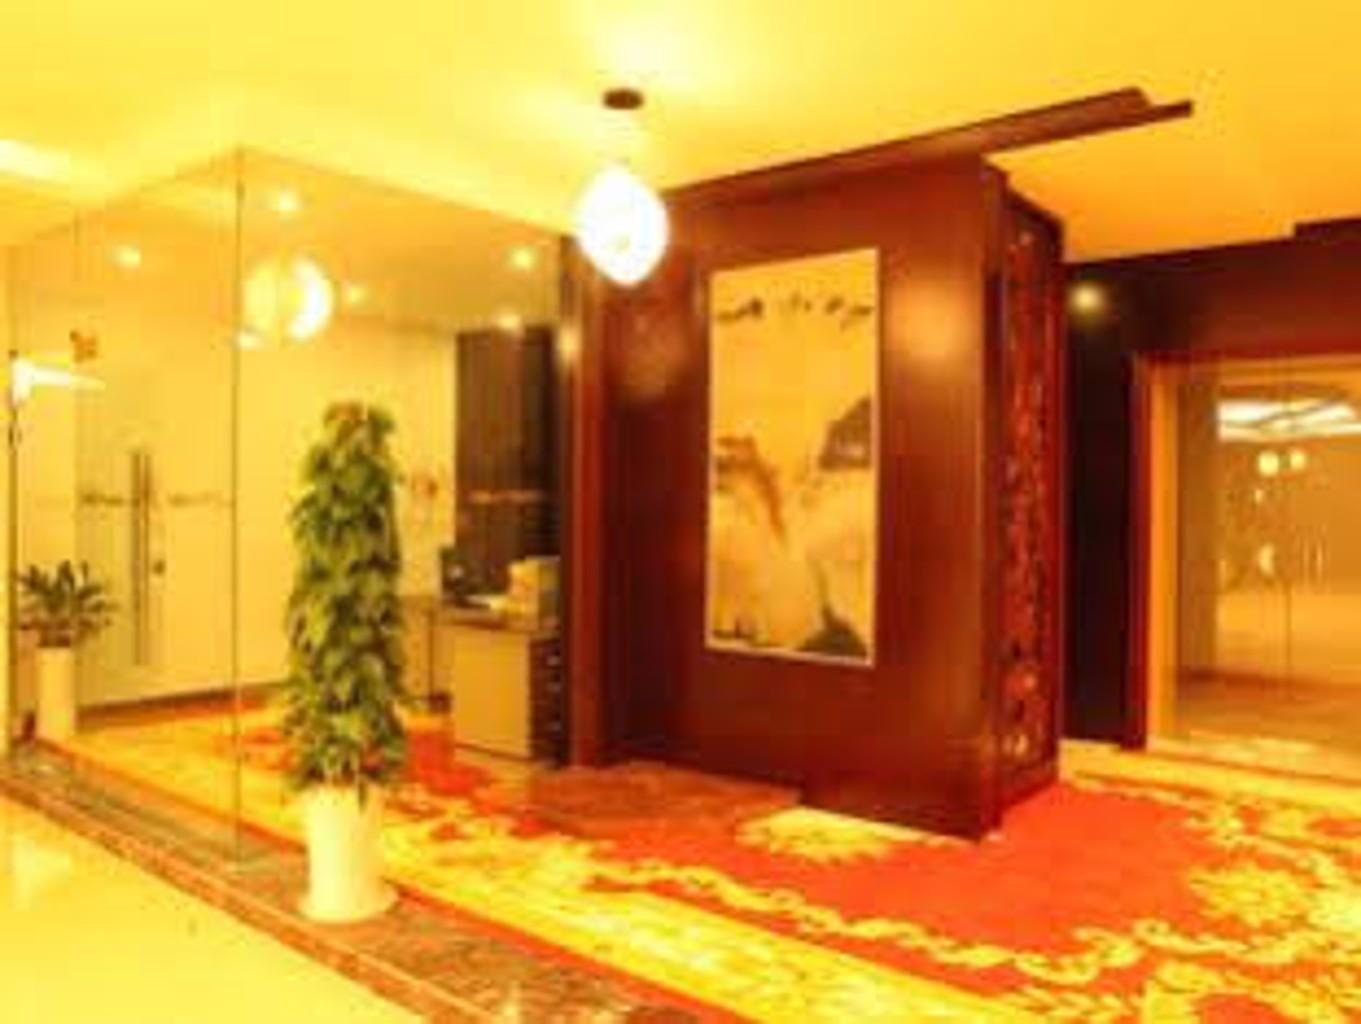 Gallery image of Ningbo Global Island Hotel